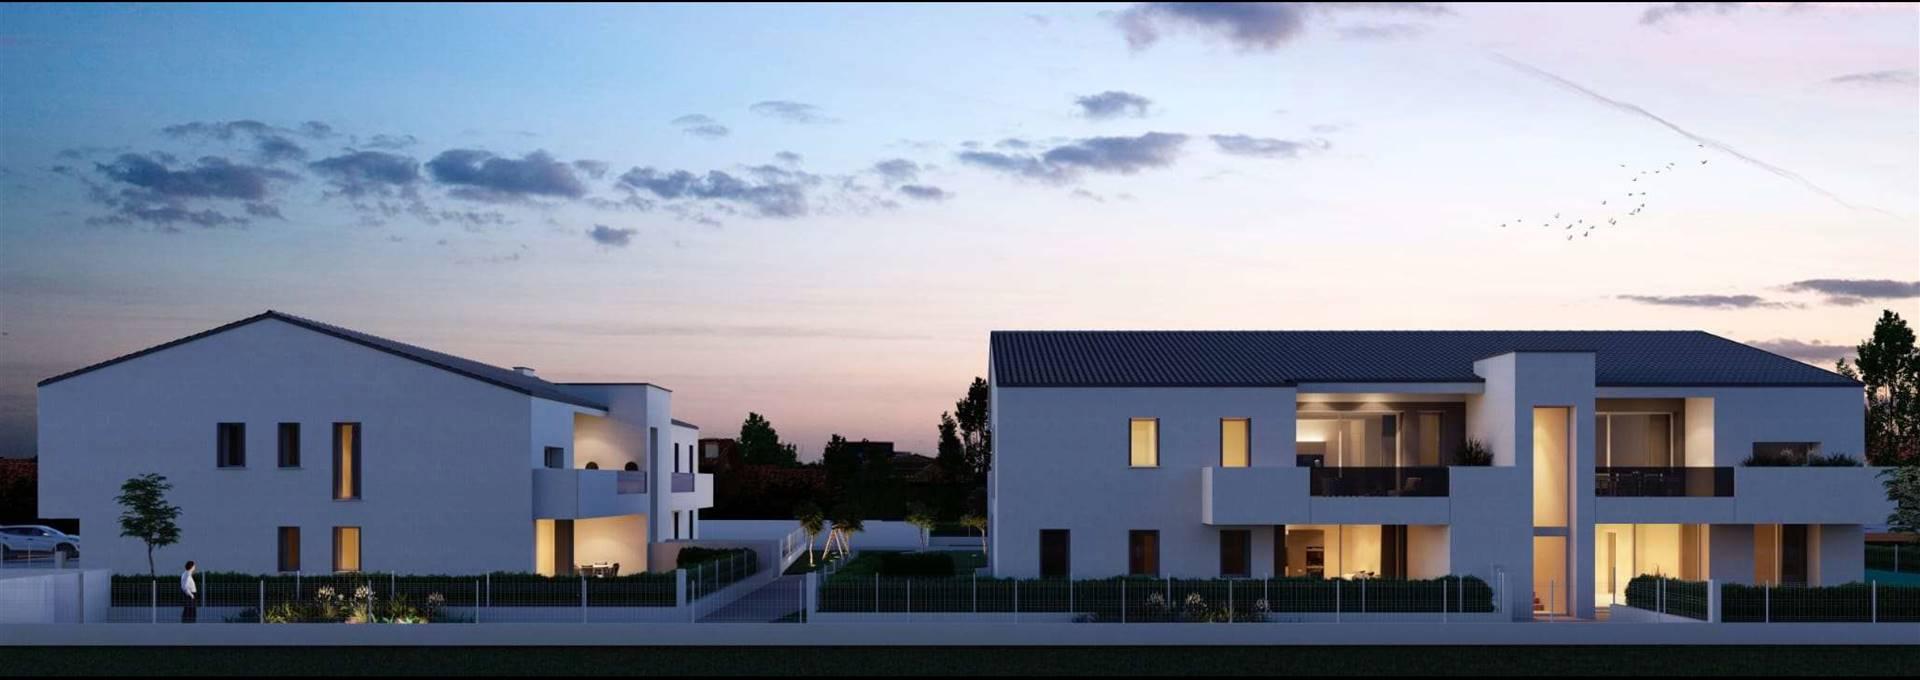 In pieno centro a SALZANO, proponiamo, di prossima realizzazione, appartamento dagli ottimi spazi abitativi, situato al piano terra con scoperto